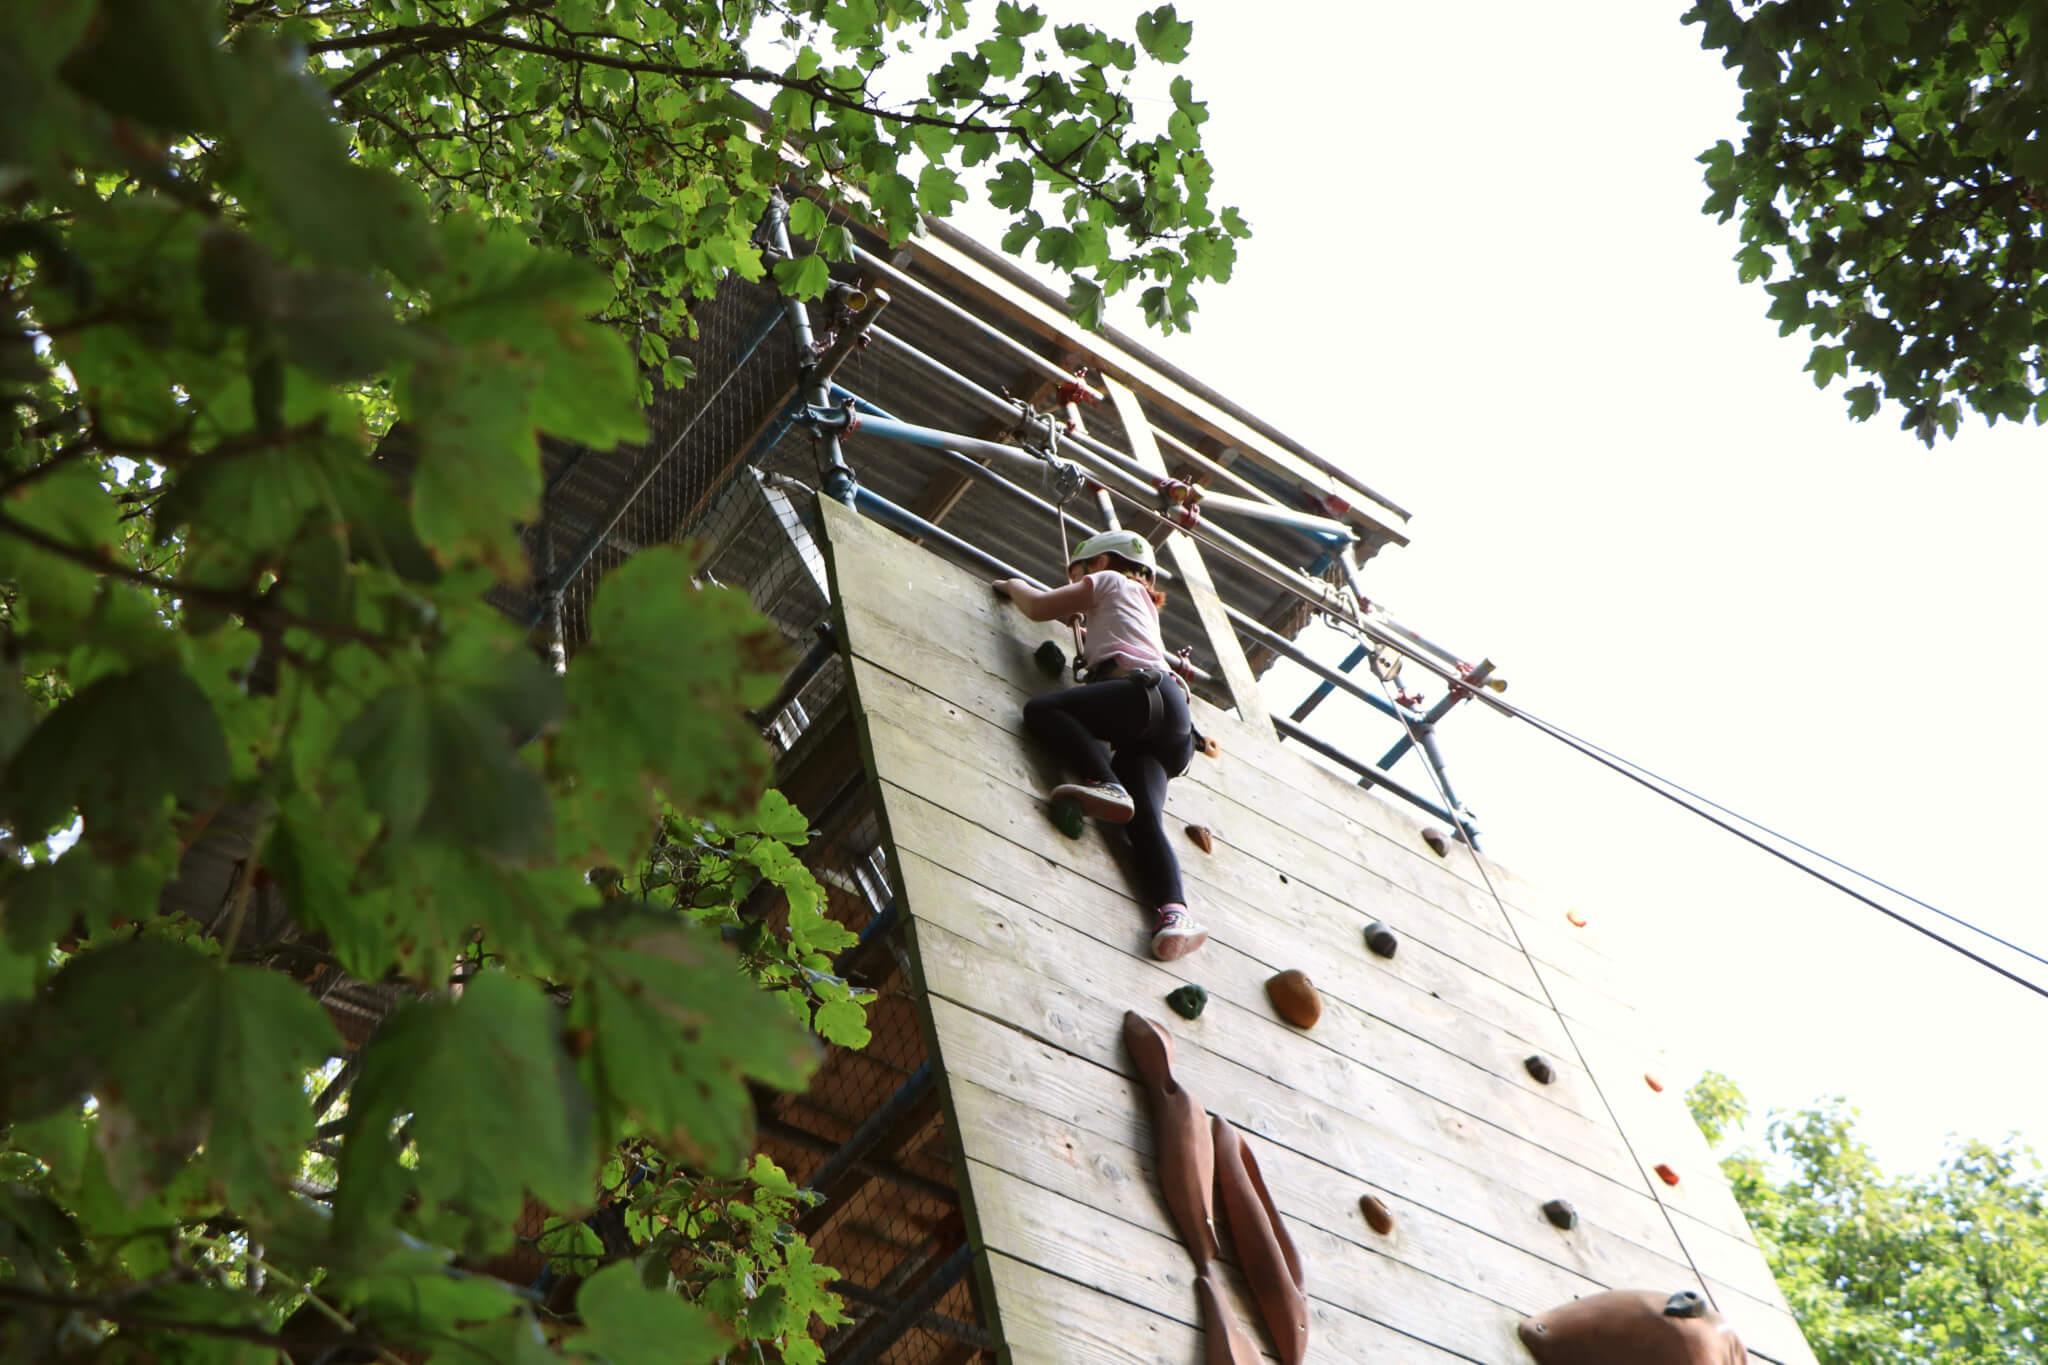 Meet Up Residential Climbing Wall